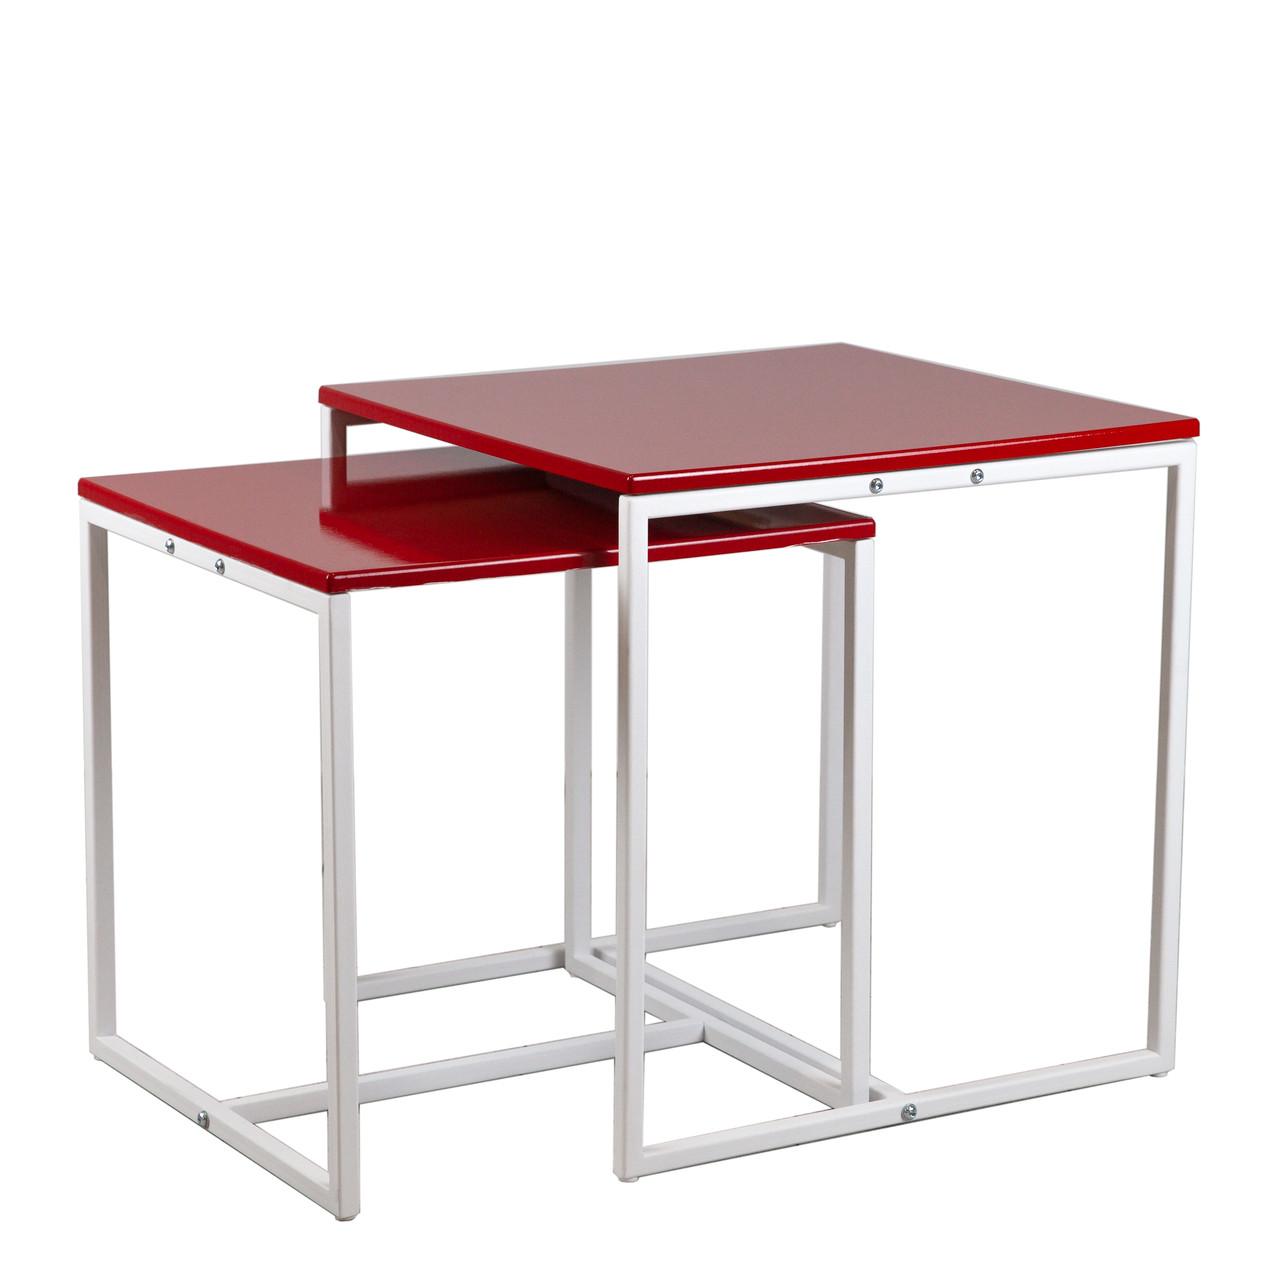 Комплект столов журнальных Куб 400 и Куб 450 - Красный / белый (Loft Cub Red-white)